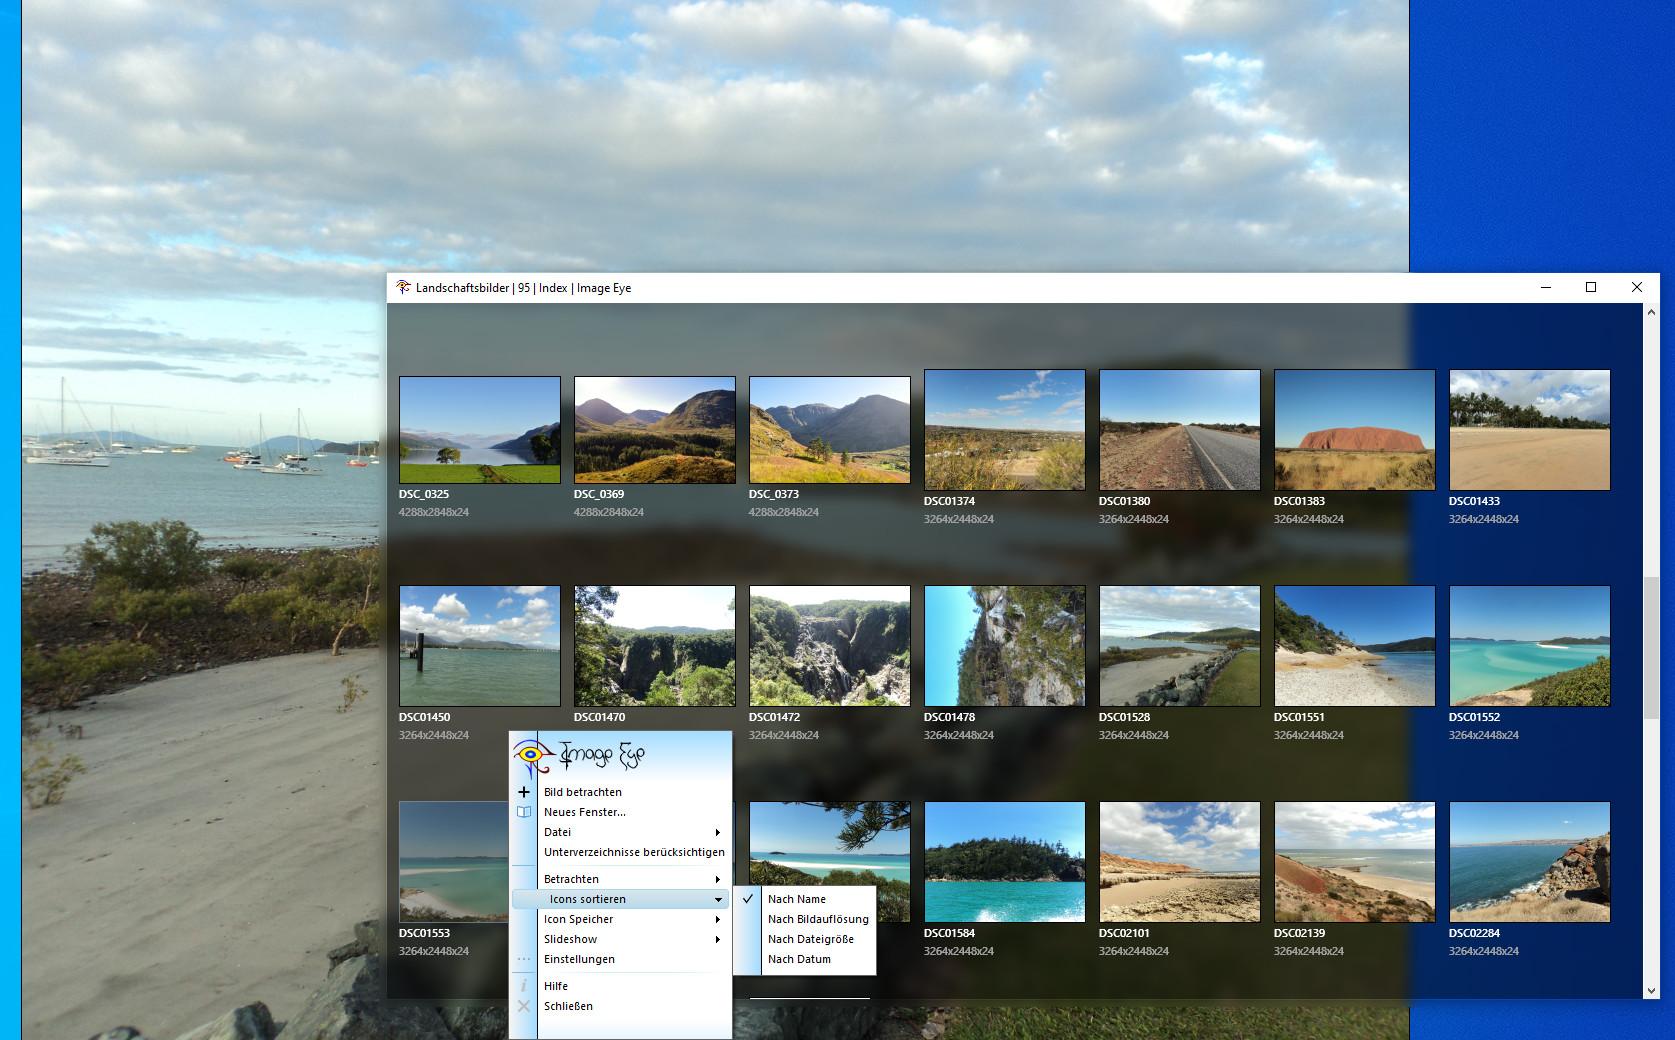 Screenshot 1 - Image Eye